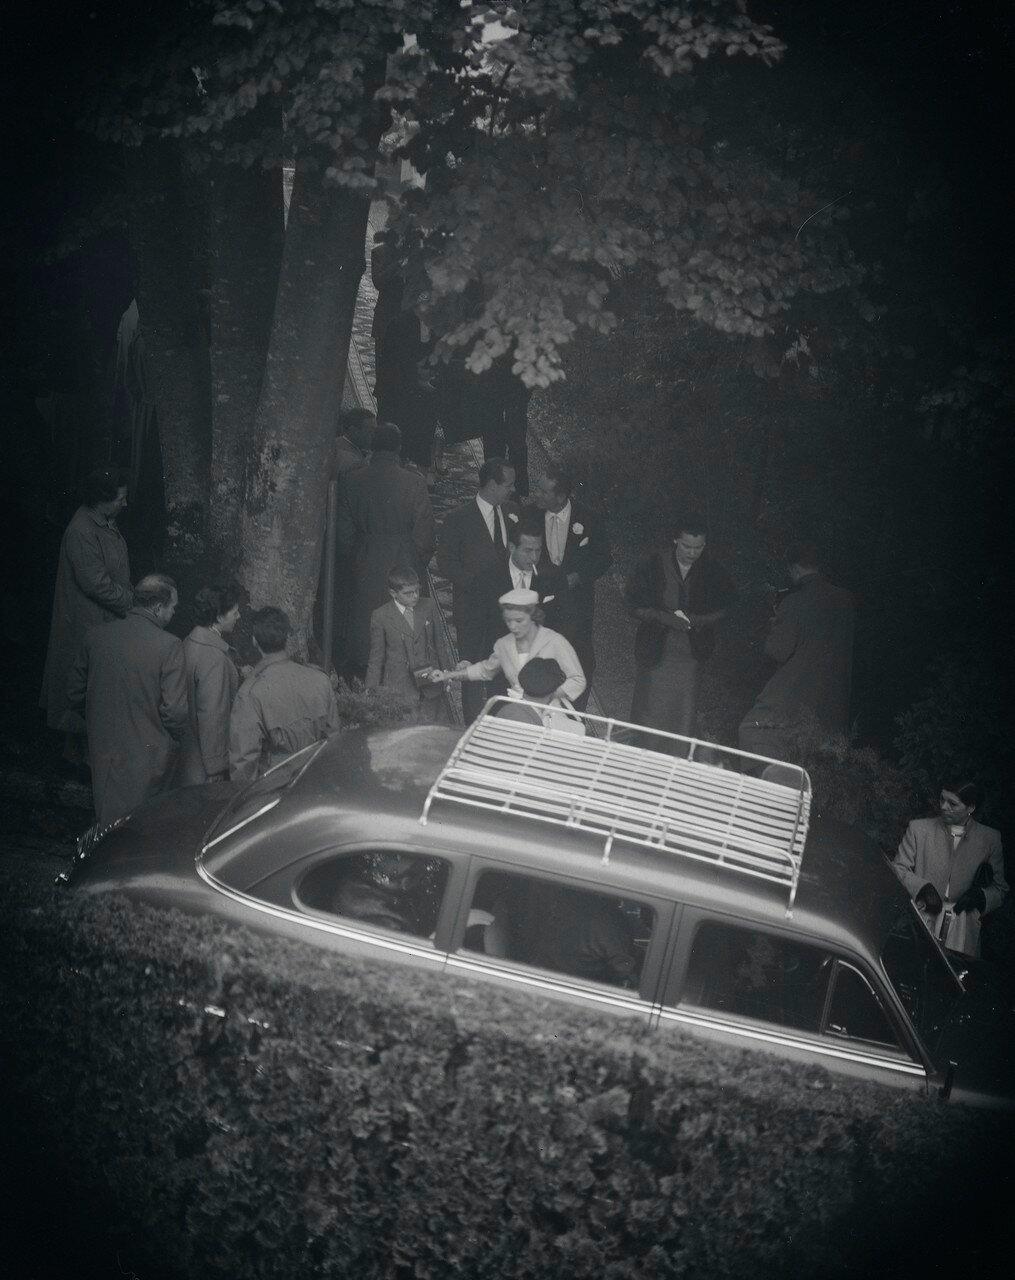 Hochzeit von Audrey Hepburn mit Mel Ferrer in der Kapelle auf dem Bürgenstock